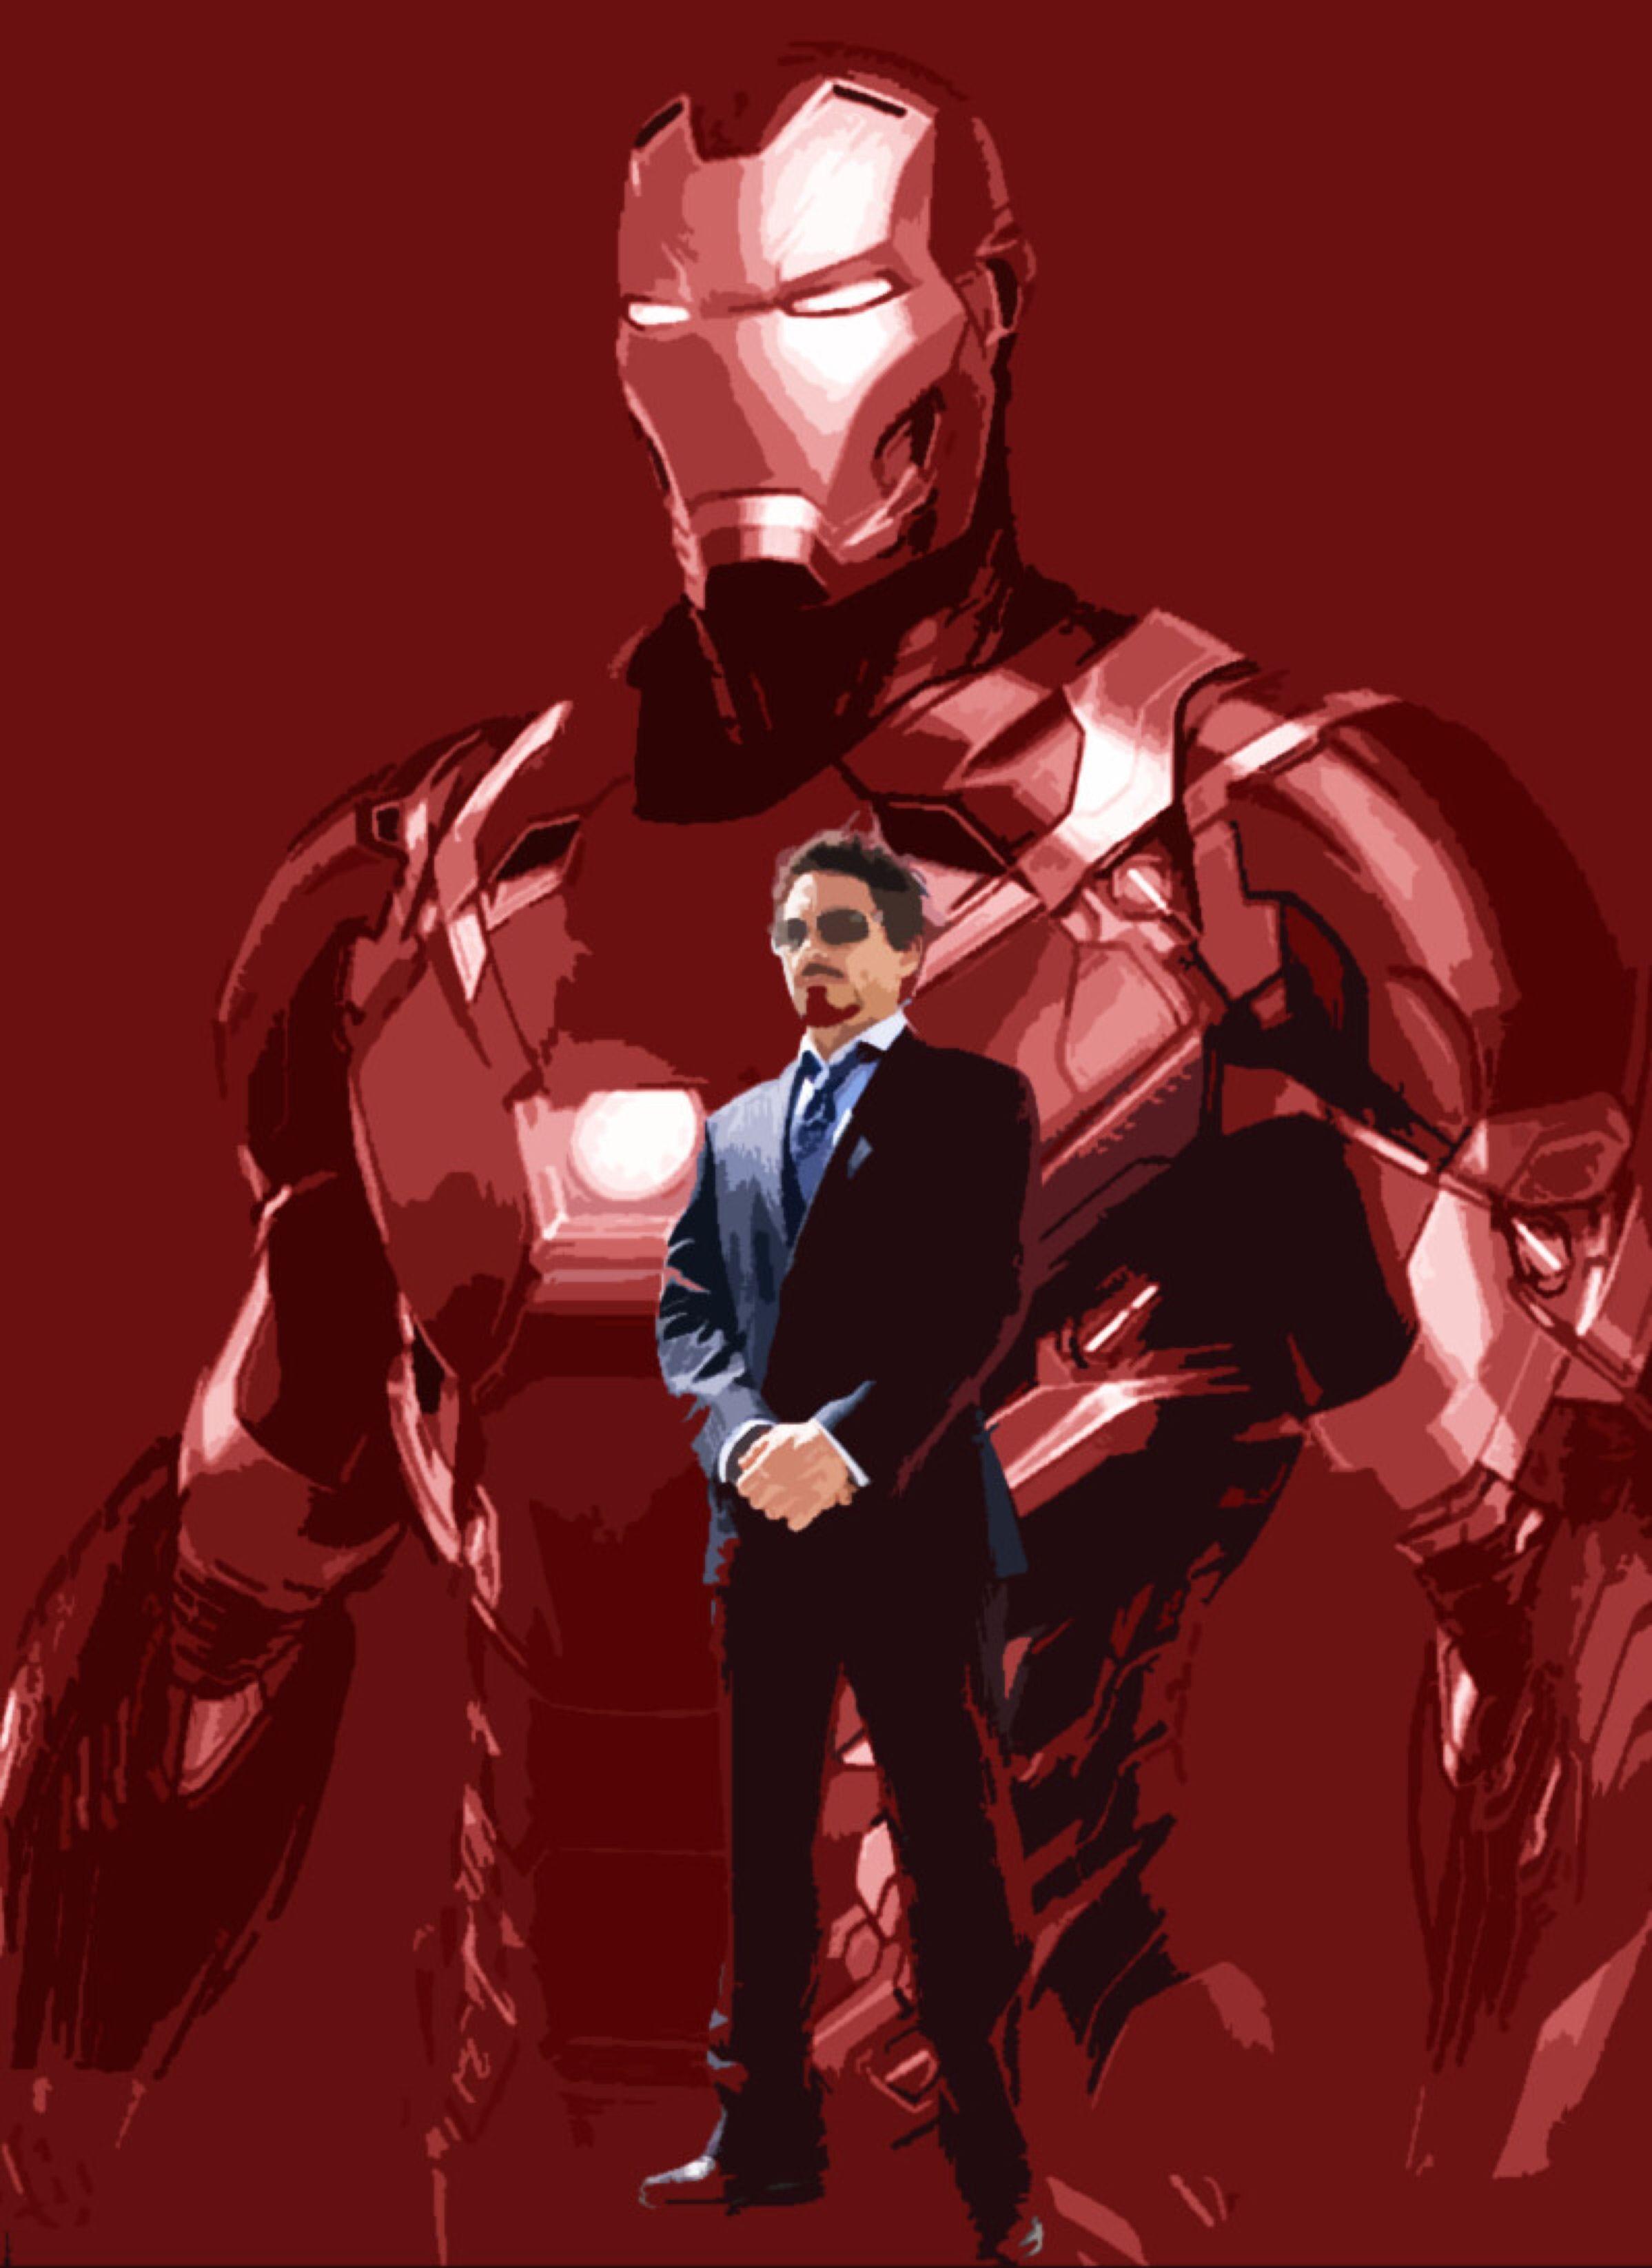 Tony Stark Iron Man Iron Man Avengers Iron Man Iron Man Wallpaper